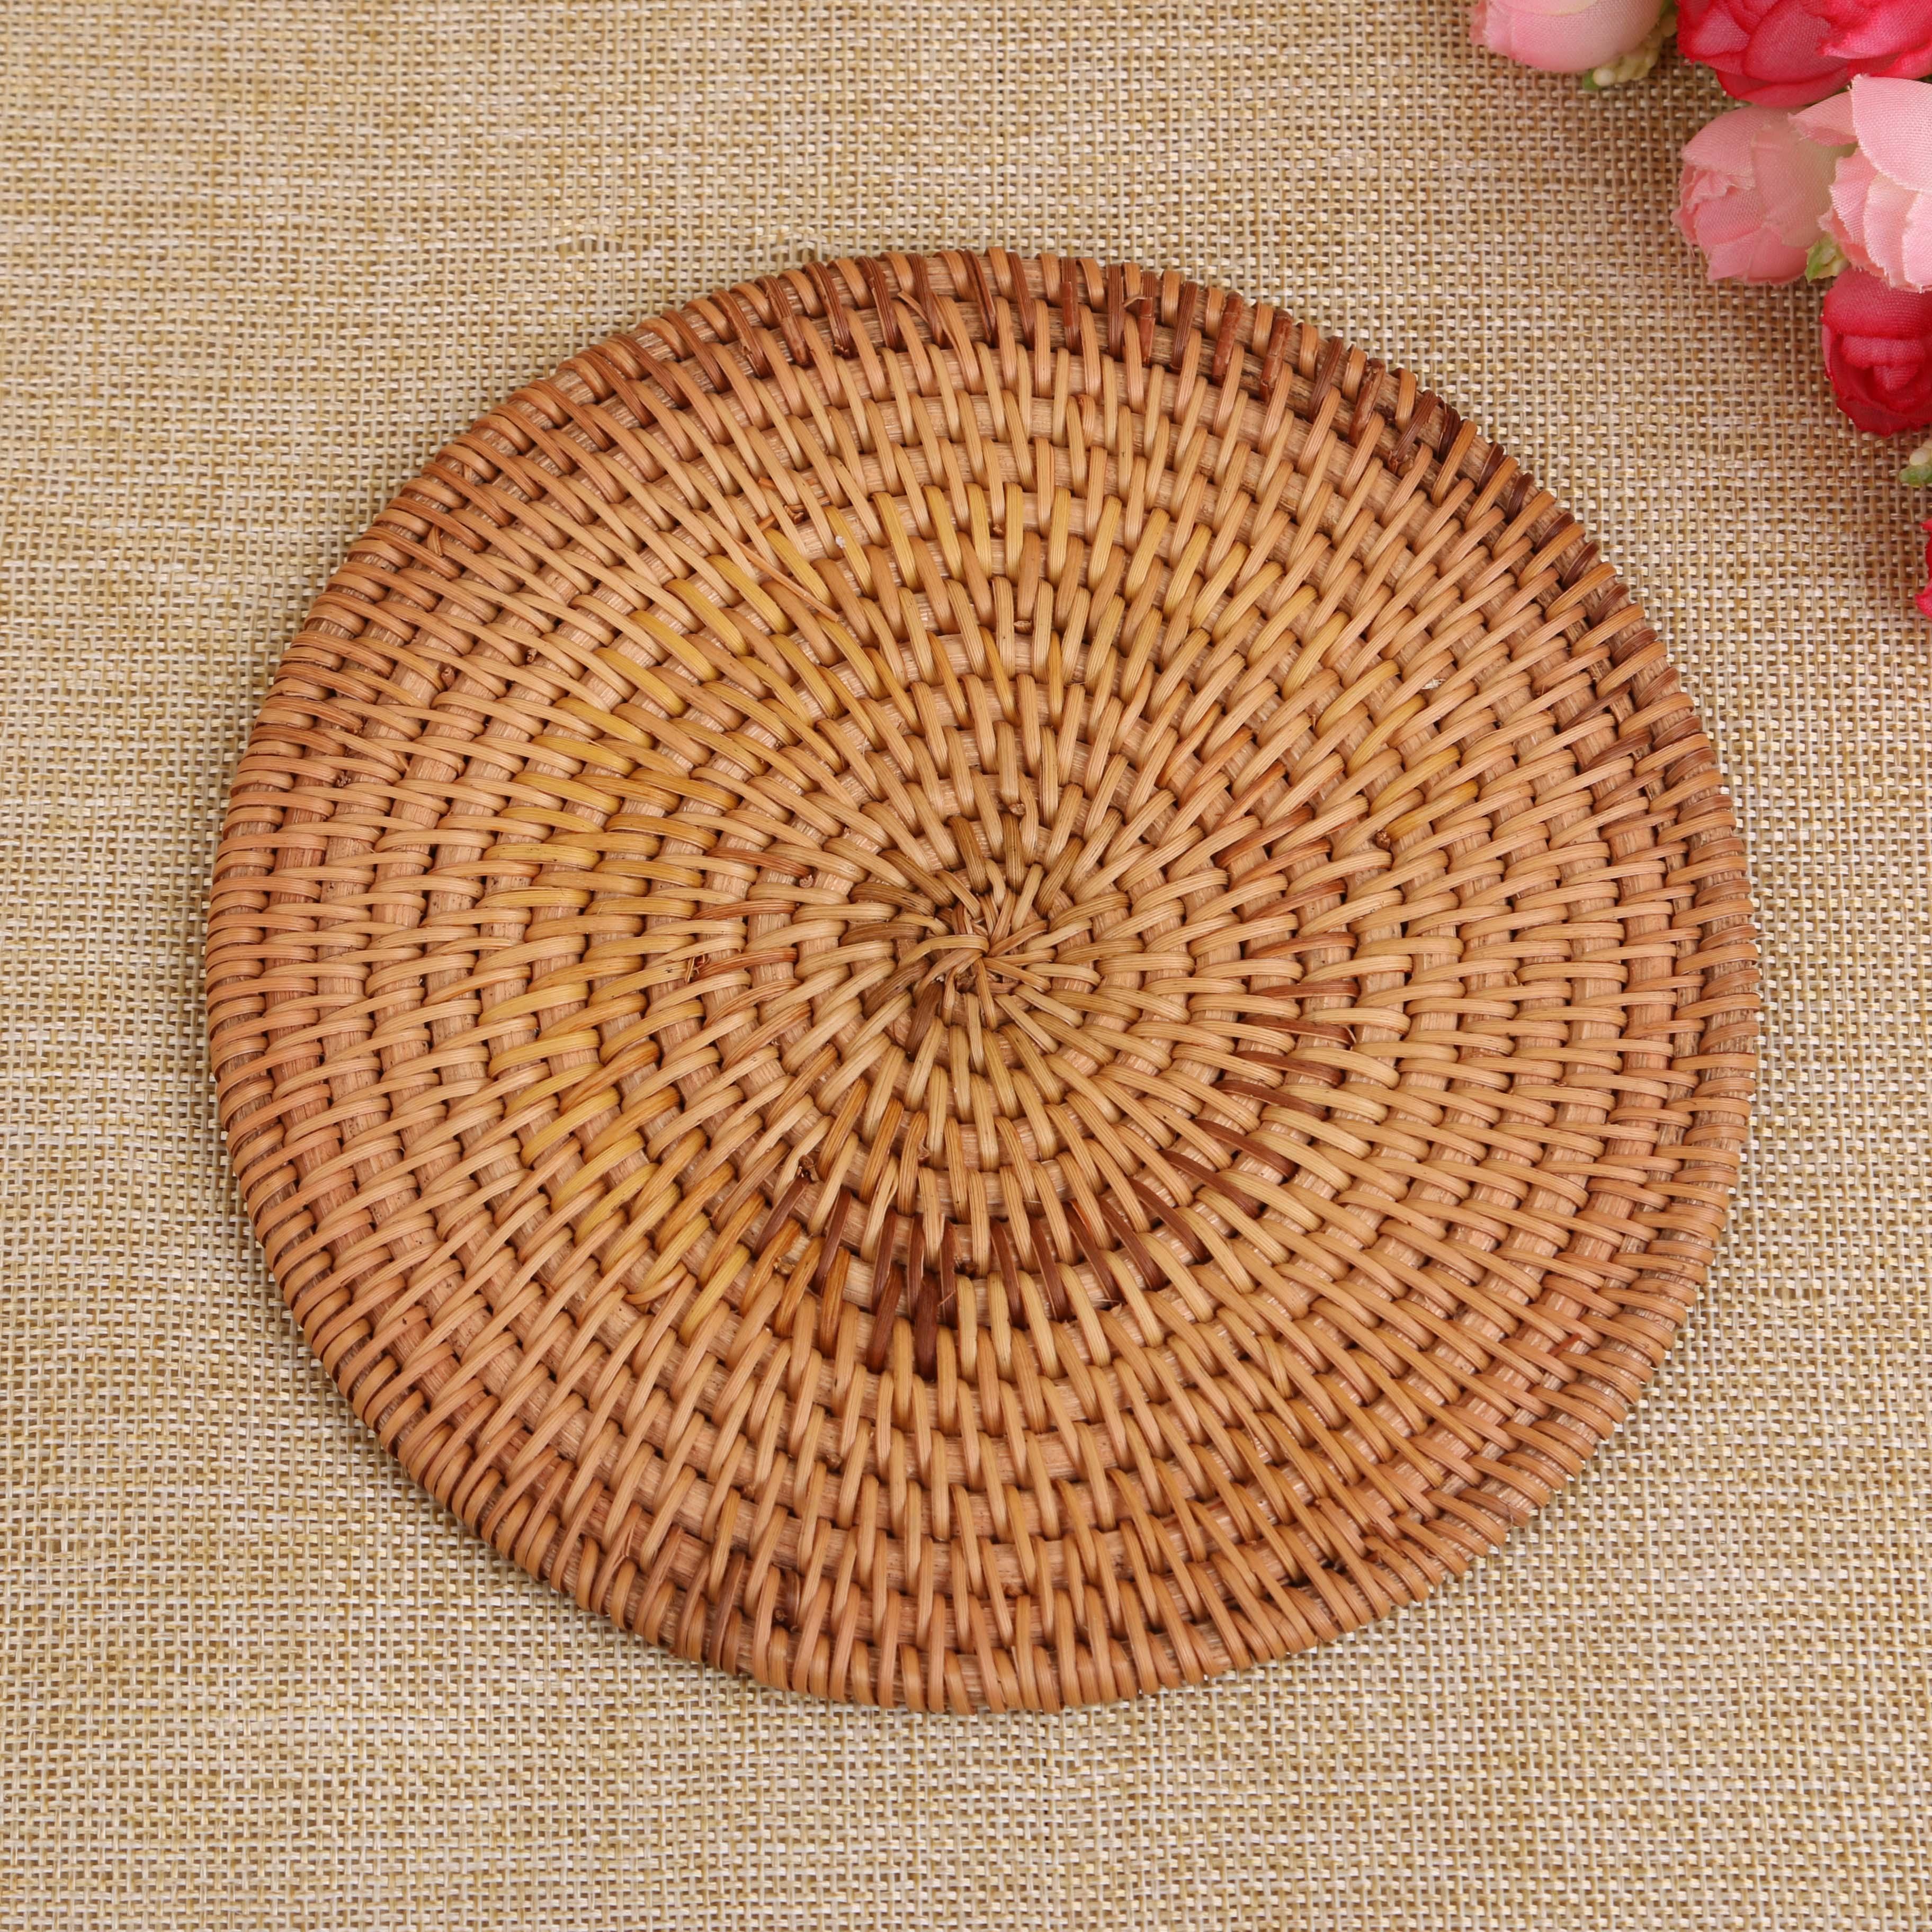 手工编织越南藤编杯垫餐桌盘子隔热垫碗垫茶杯壶垫餐